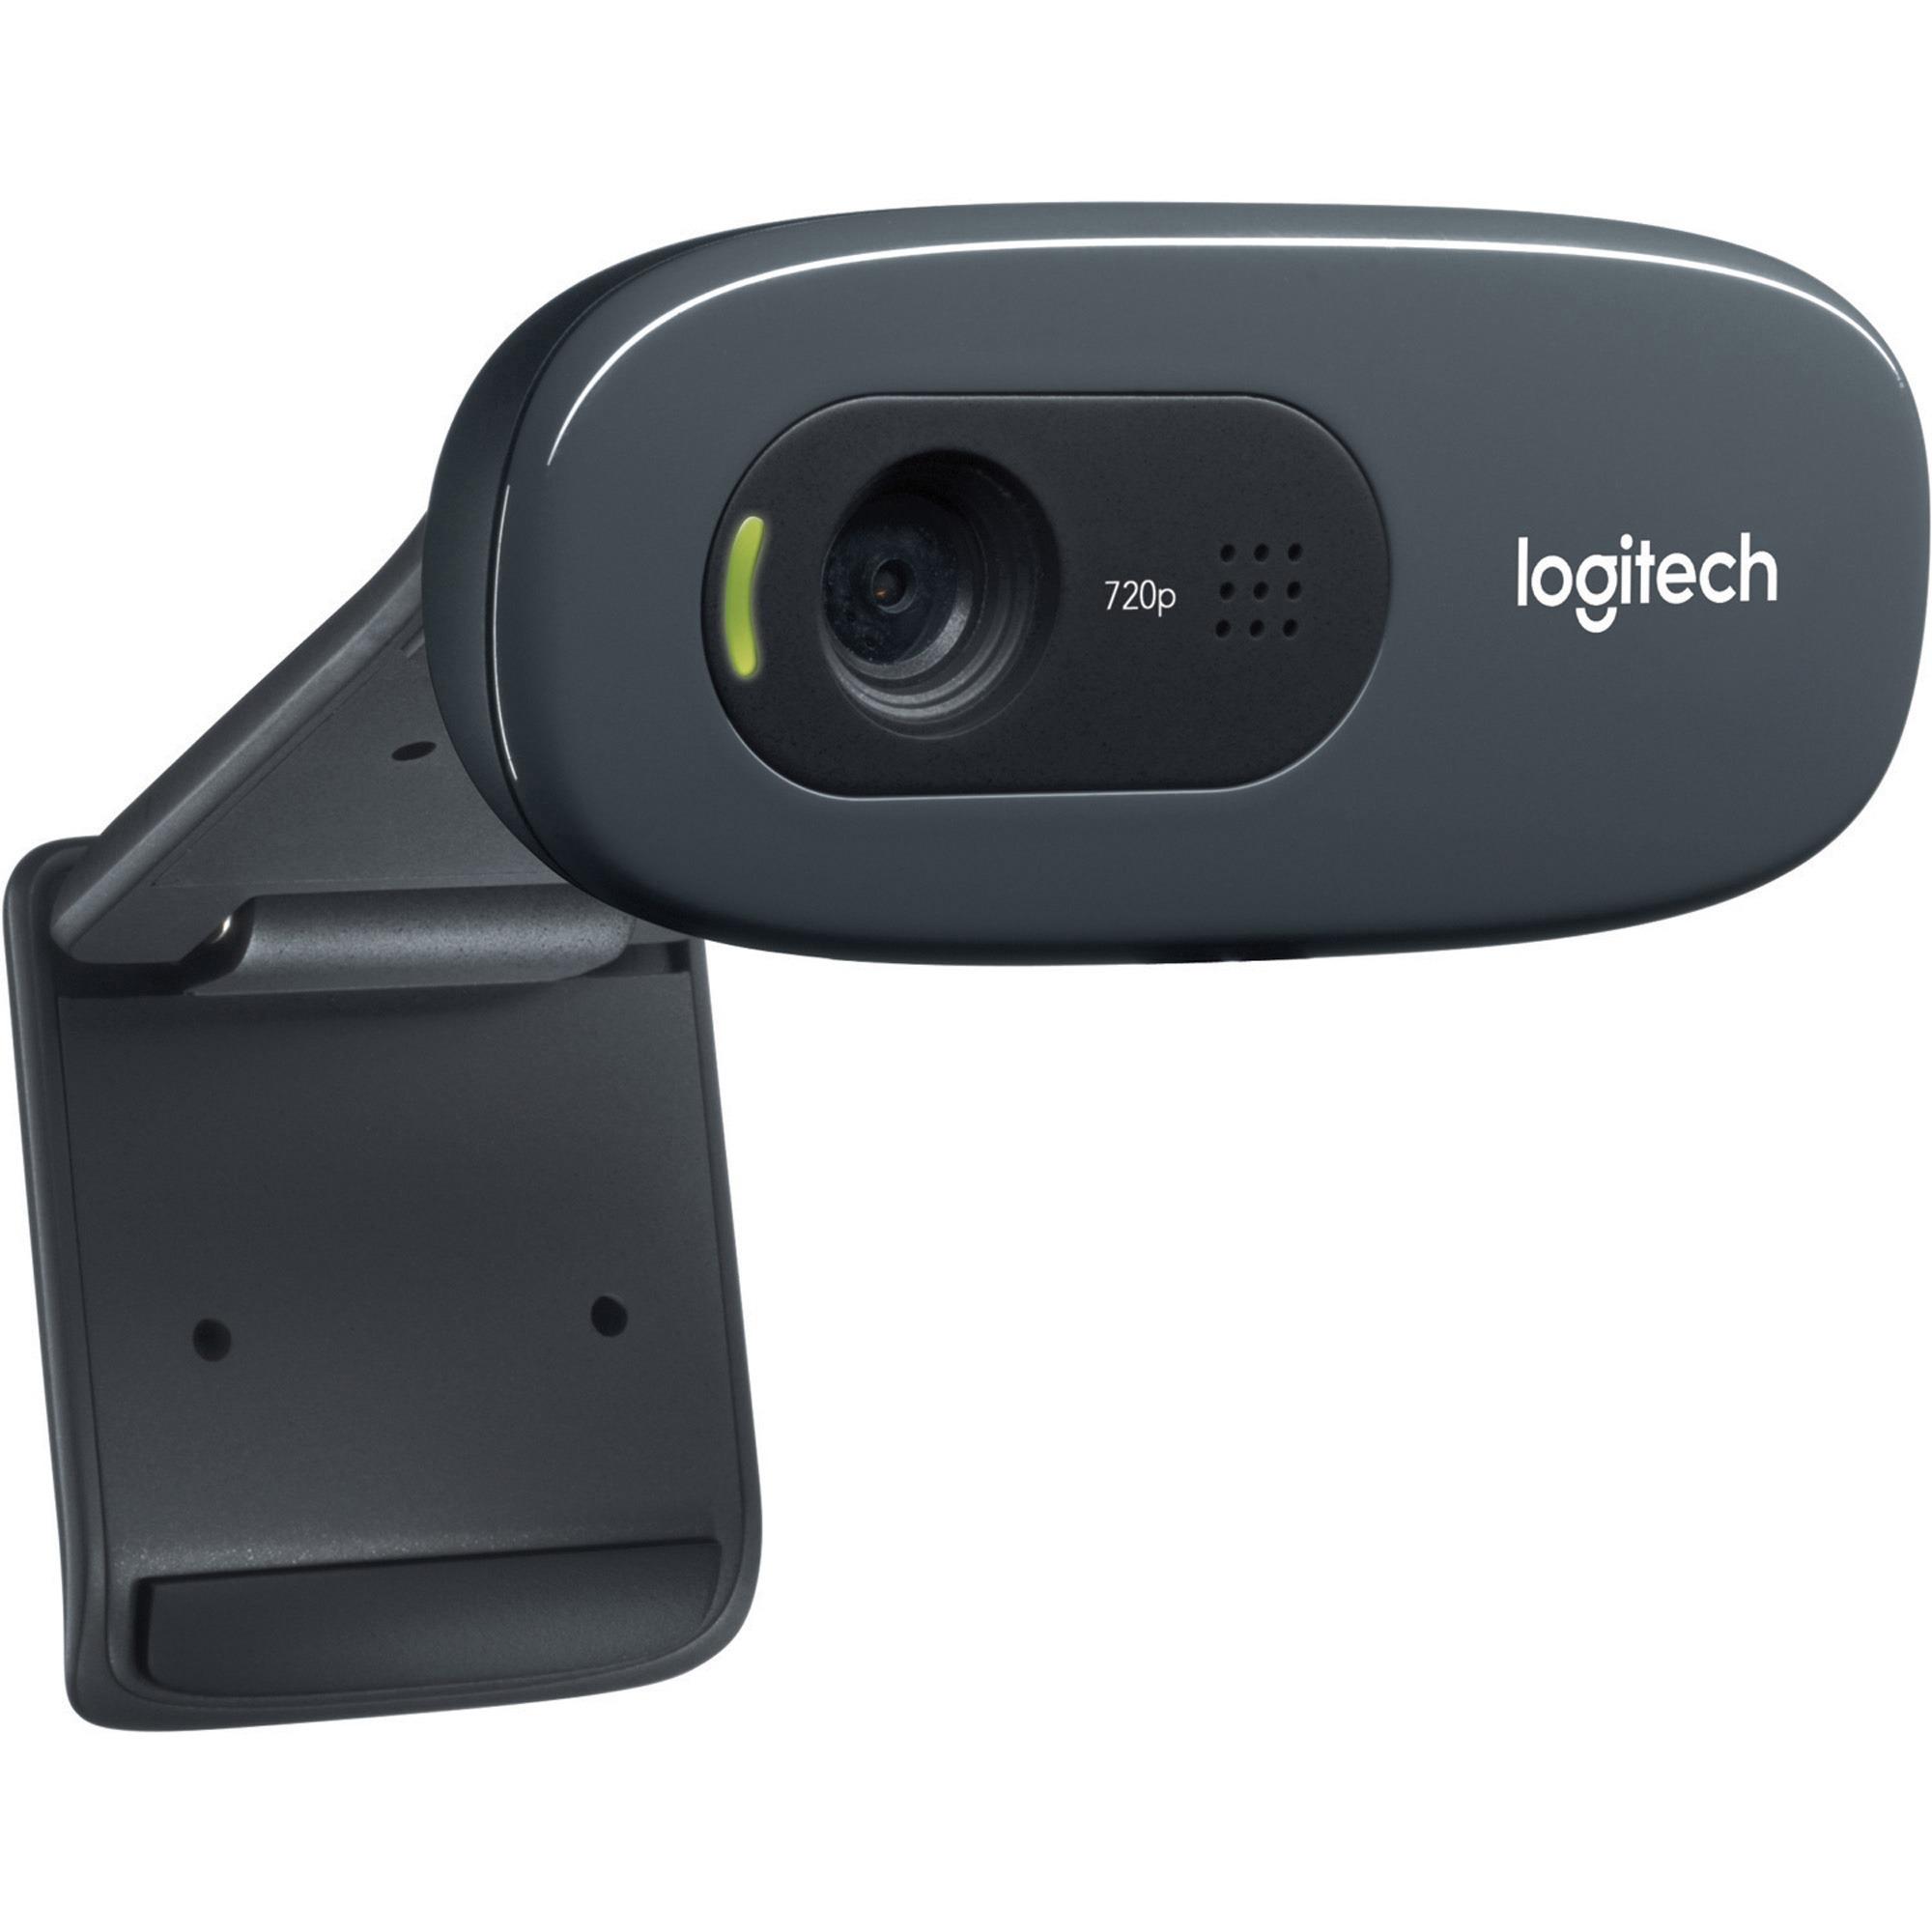 Logitech C270 Webcam - Black - USB 2.0_subImage_1